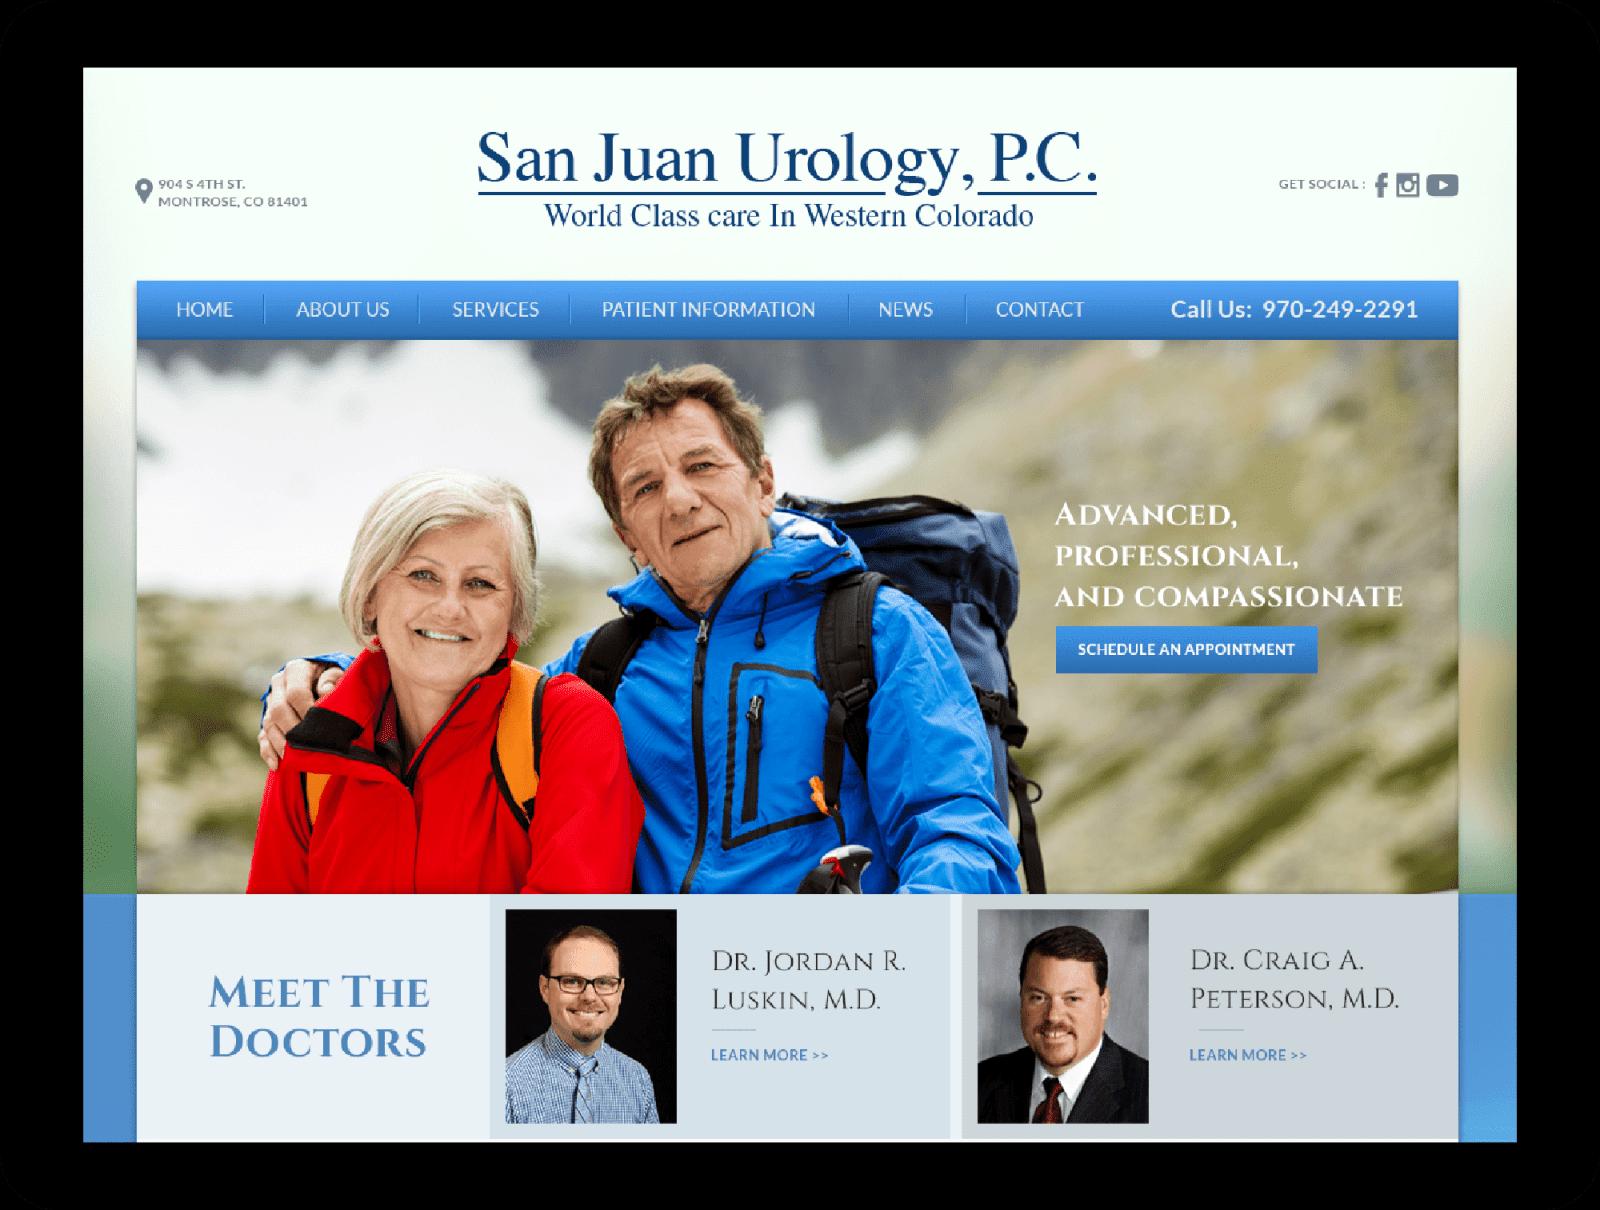 Urology Website Screenshot Monitor